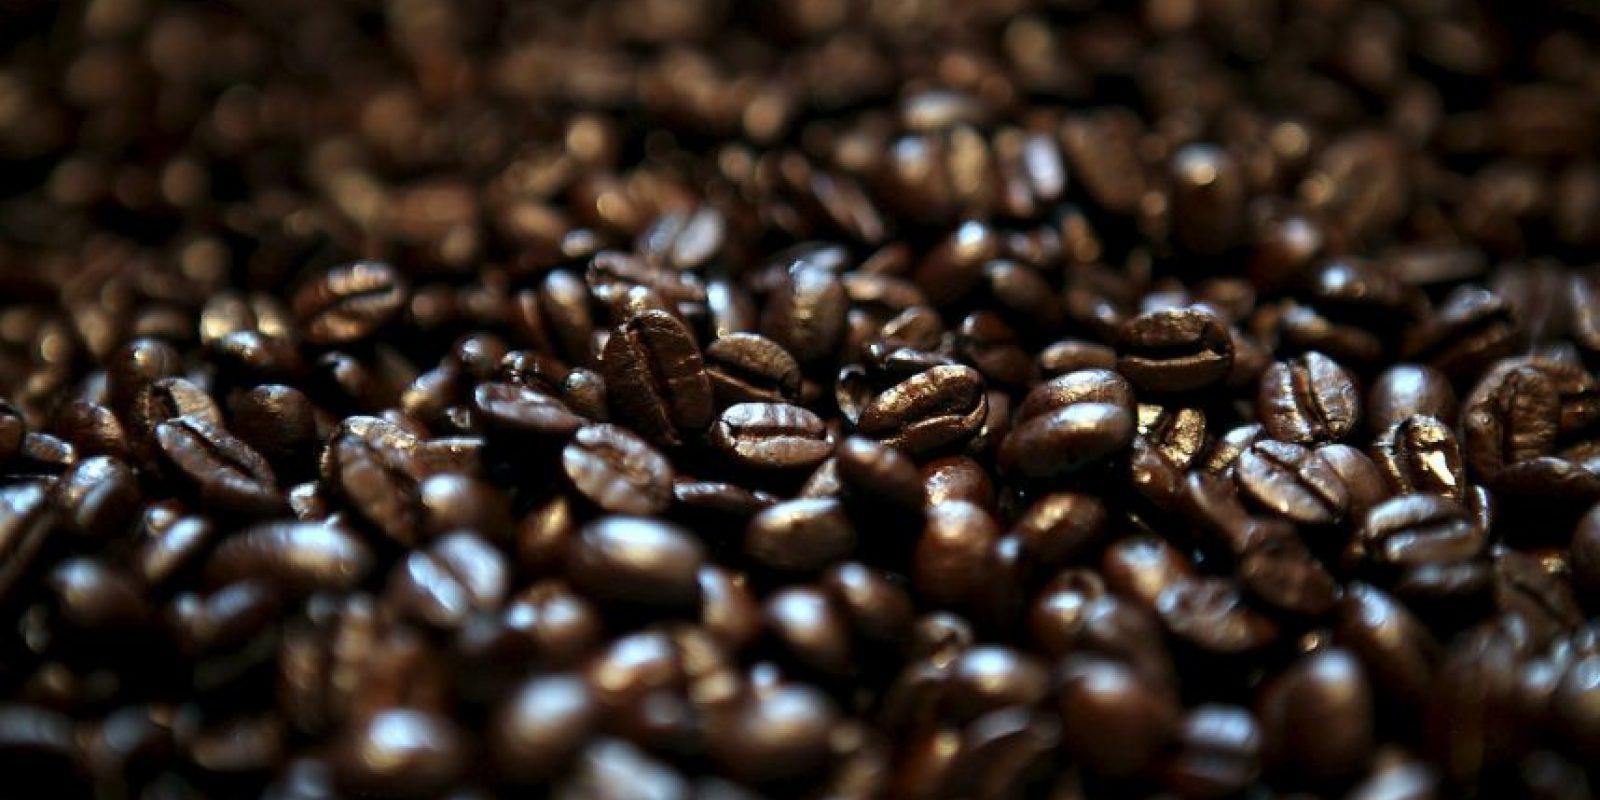 Gracias a su textura y a la cafeína, los granos de café molidos son muy buenos para exfoliar la piel Foto:Getty Images